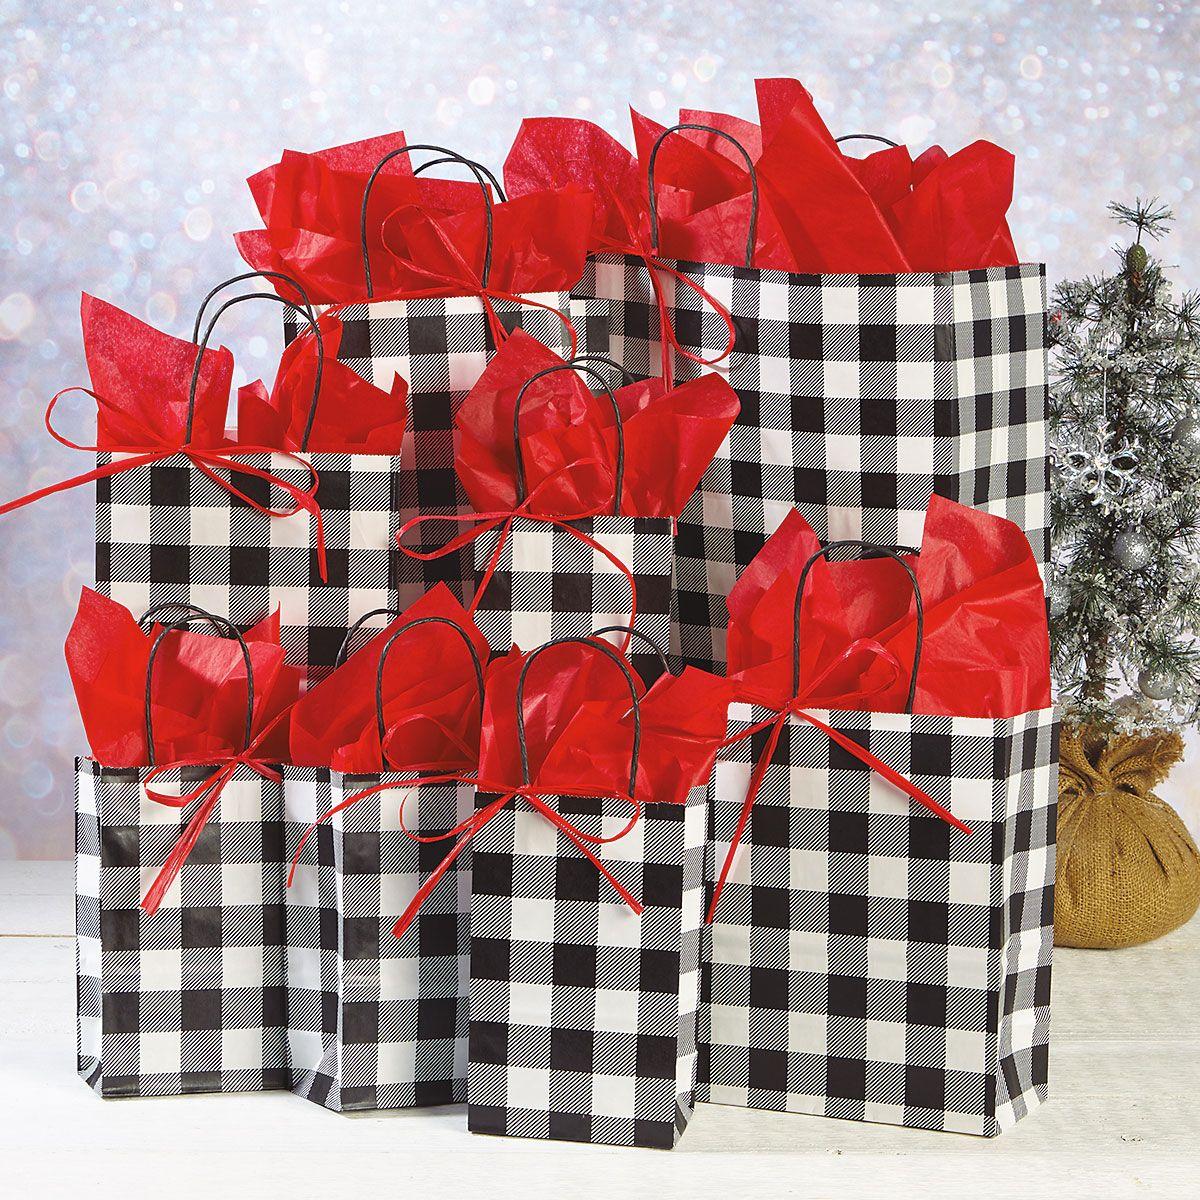 Black & White Plaid Gift Bag Value Pack